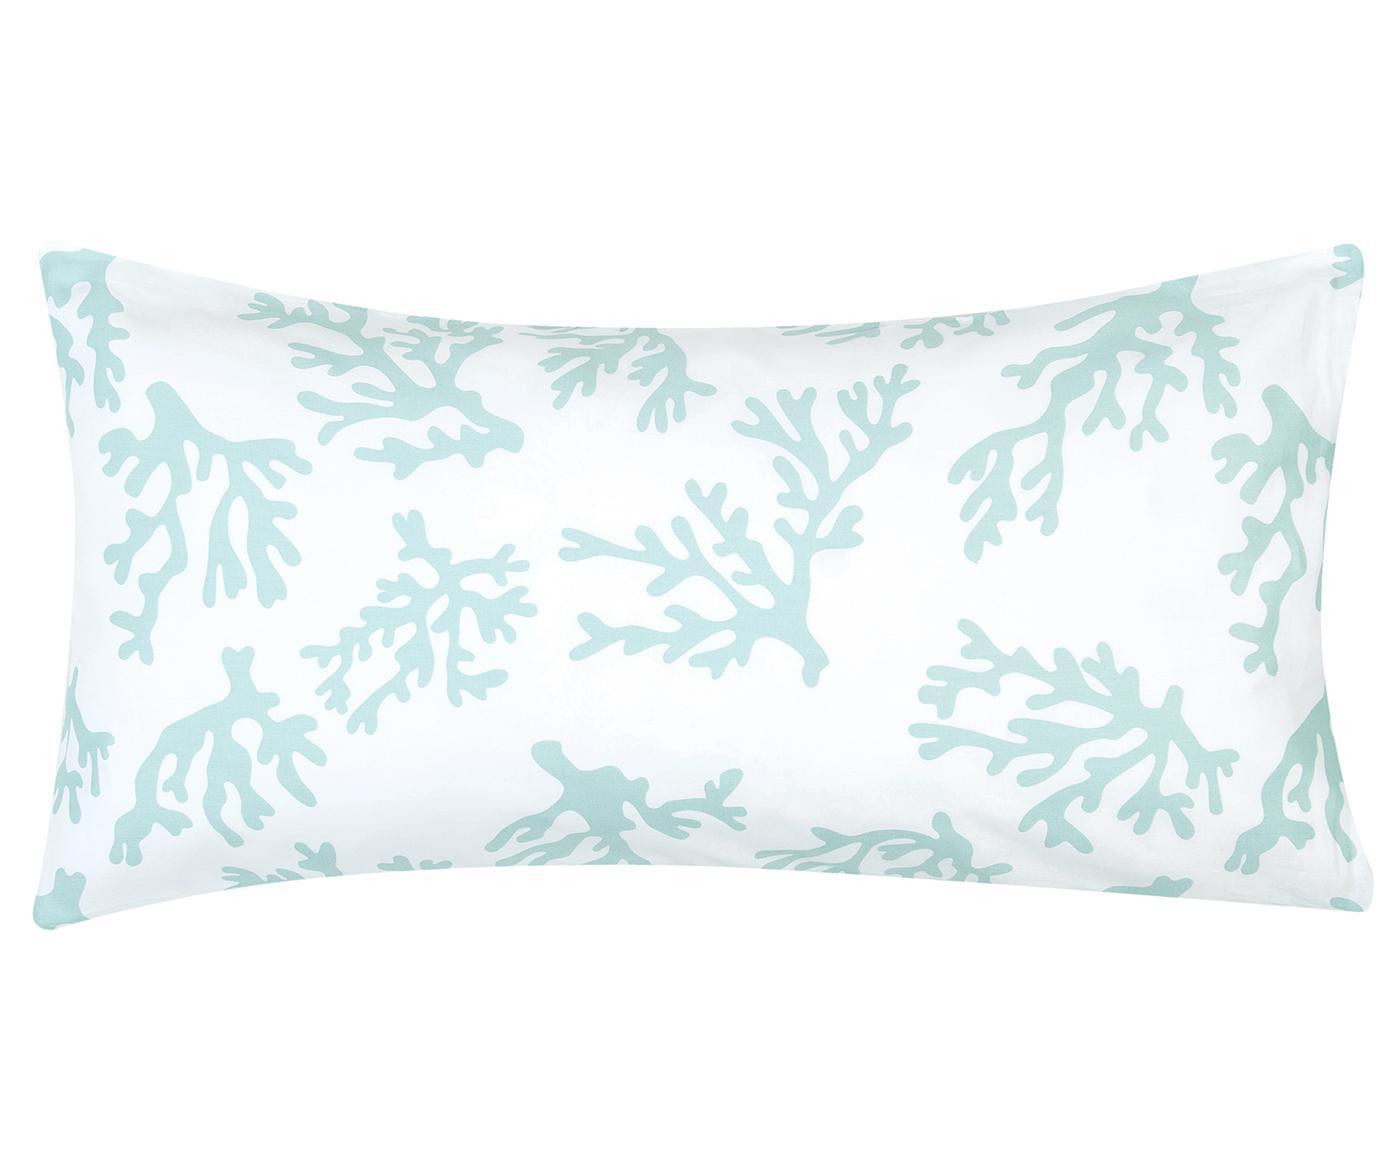 Poszewka na poduszkę z satyny bawełnianej Cora, 2 szt., Turkusowy, S 40 x D 80 cm